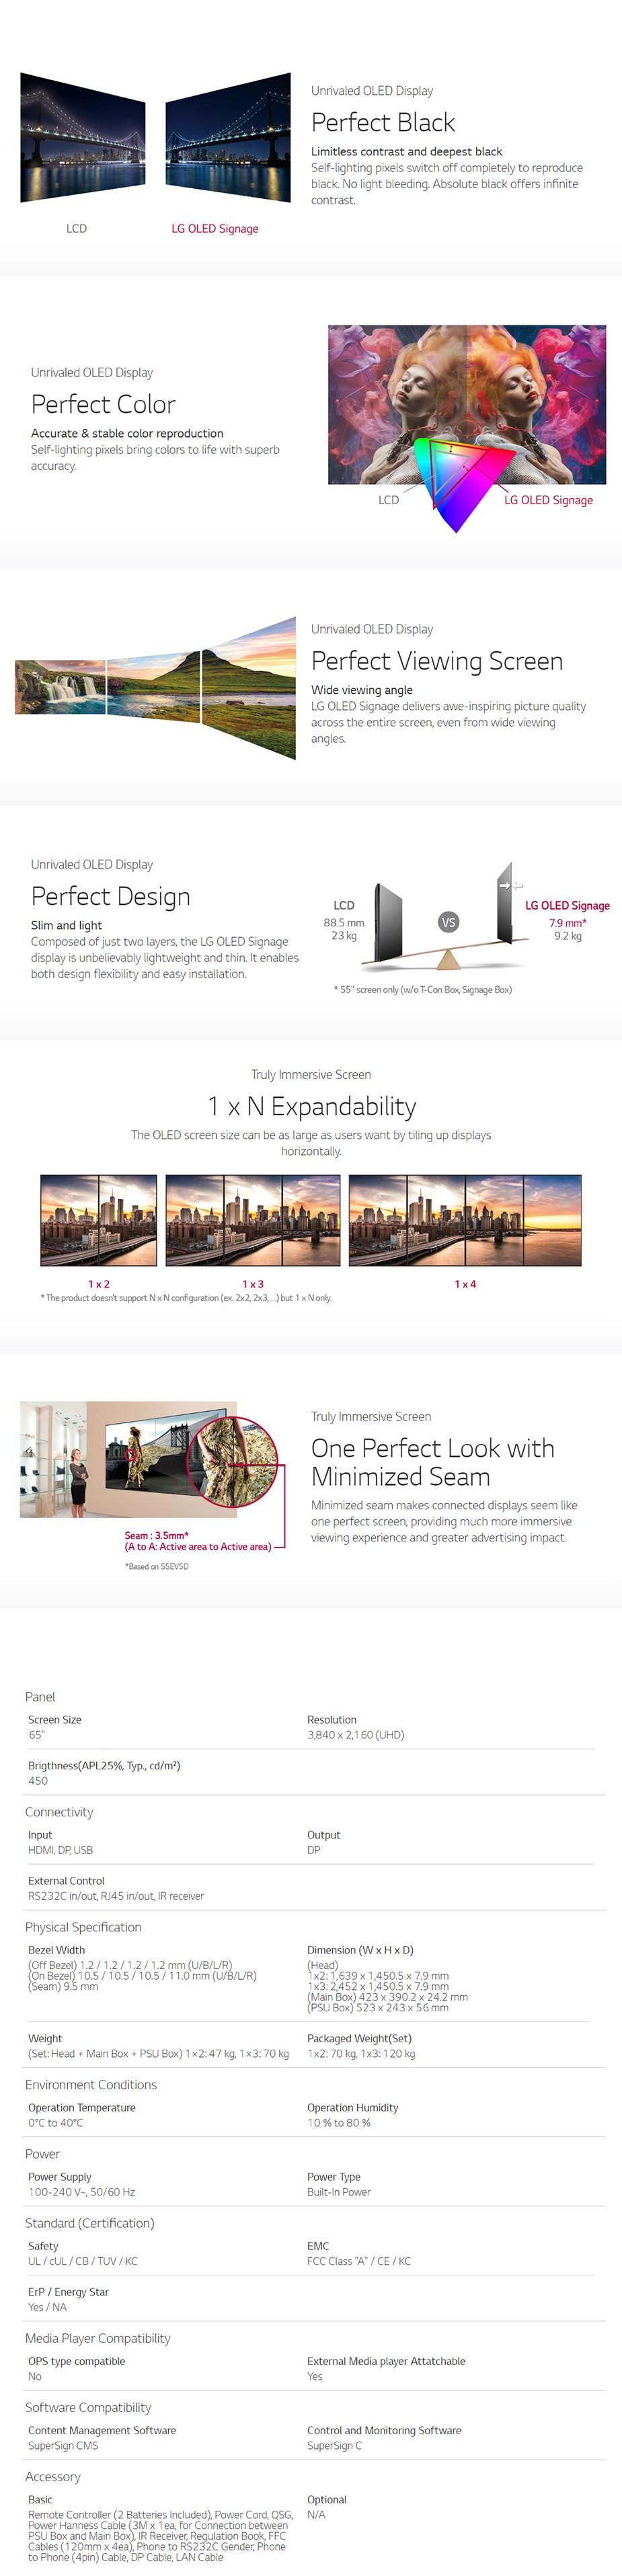 """LG EV5C 65"""" 4K UHD Video Wall OLED Signage - Desktop Overview 1"""